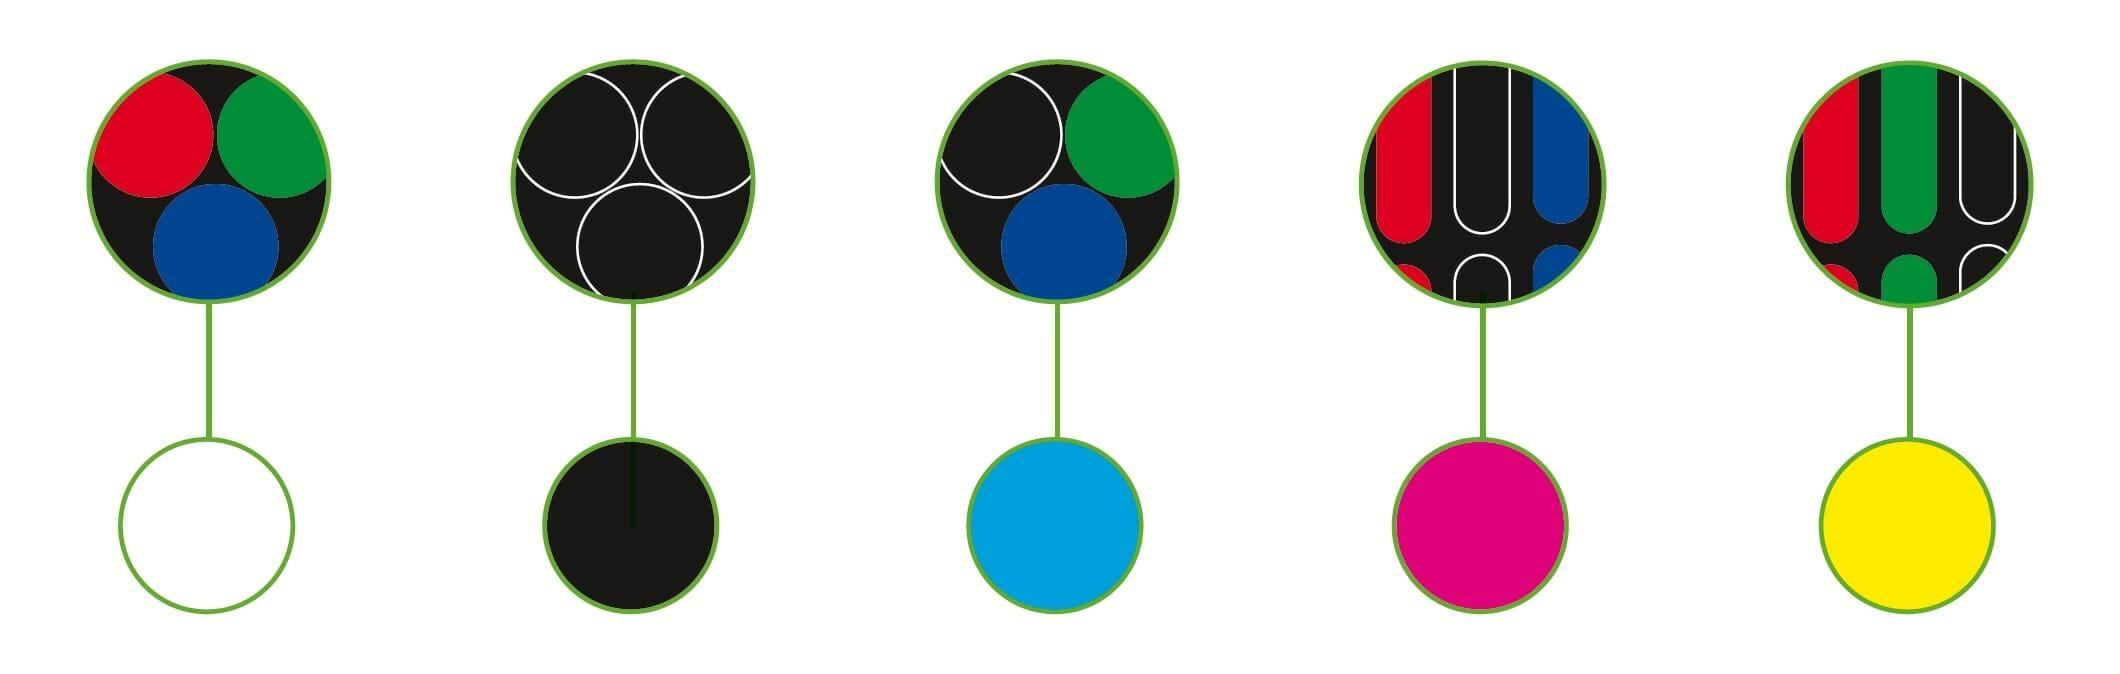 Bild über Raster von TFT- LCD- und Röhren-Monitore für den Artikel Wahrnehmung und Farbe.